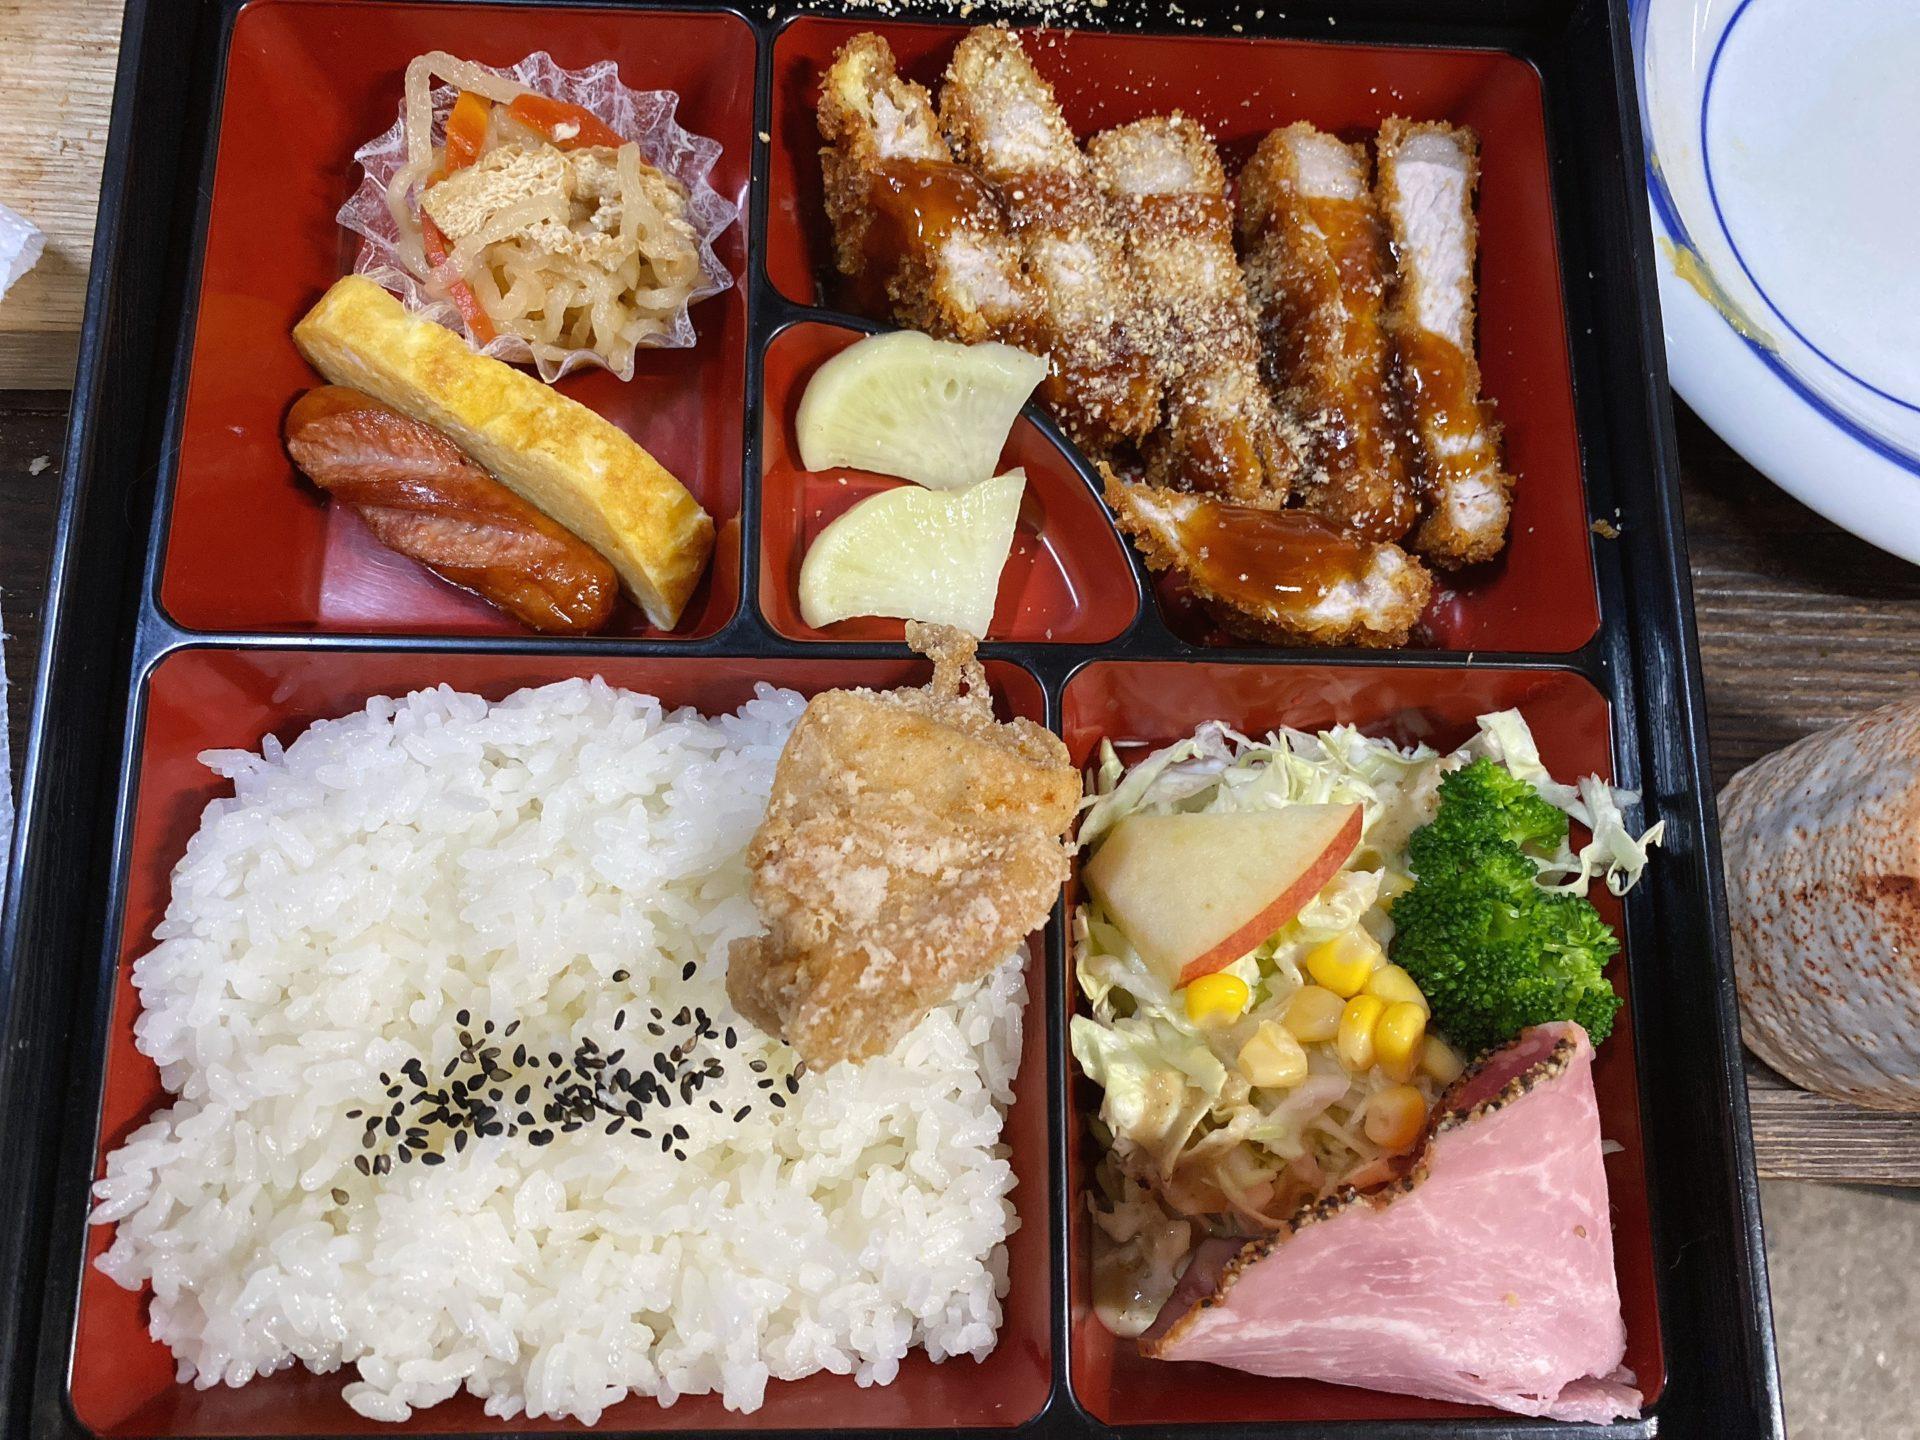 岡山市東区 六助精肉店 たみちゃんのトンカツ よっちゃんの弁当にて600円のトンカツ弁当を頂き、チキンカツとから揚げをテイクアウト